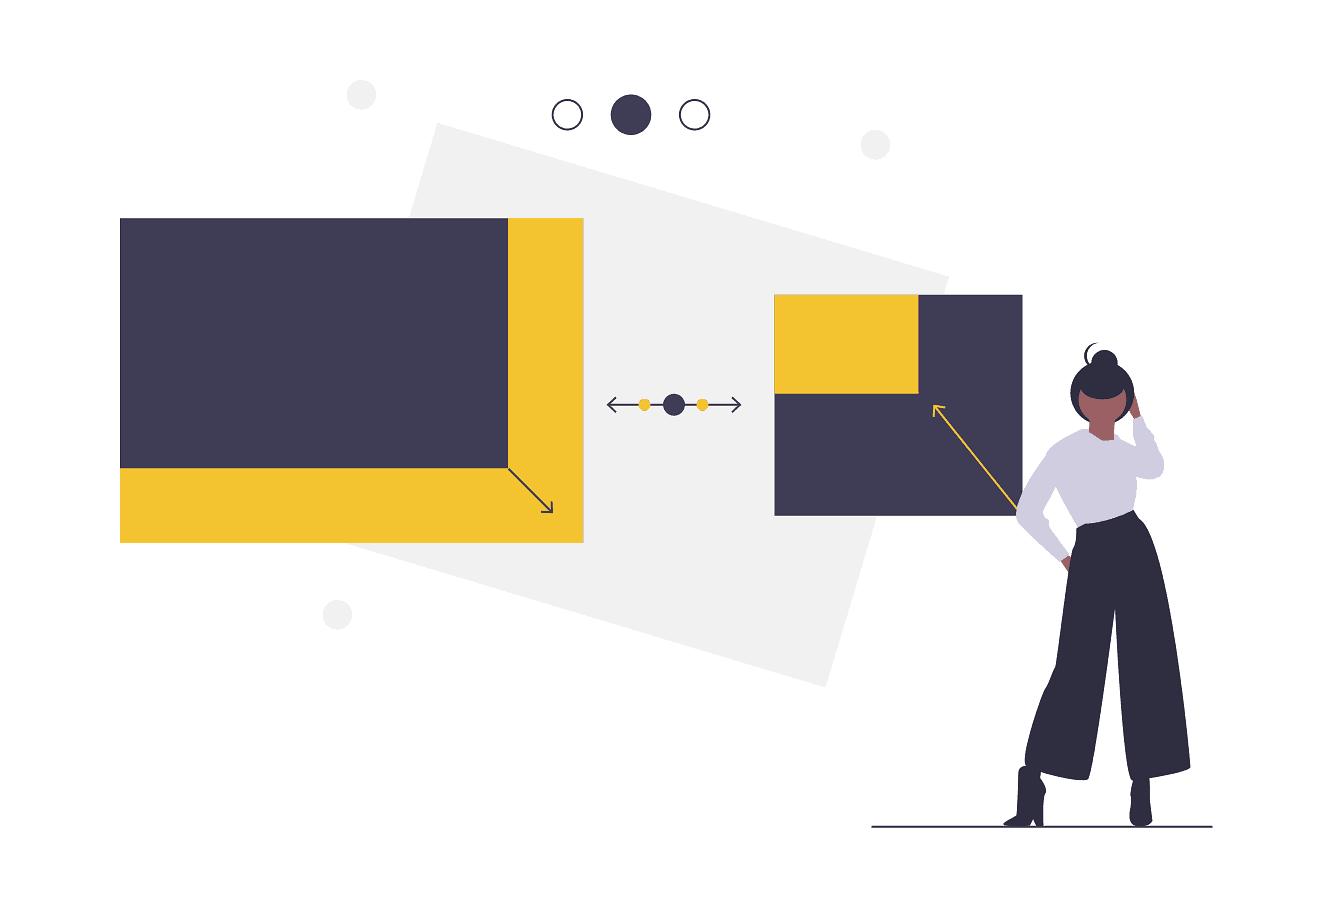 Wisite בניית אתרים לעסקים - התאמה למכשירים